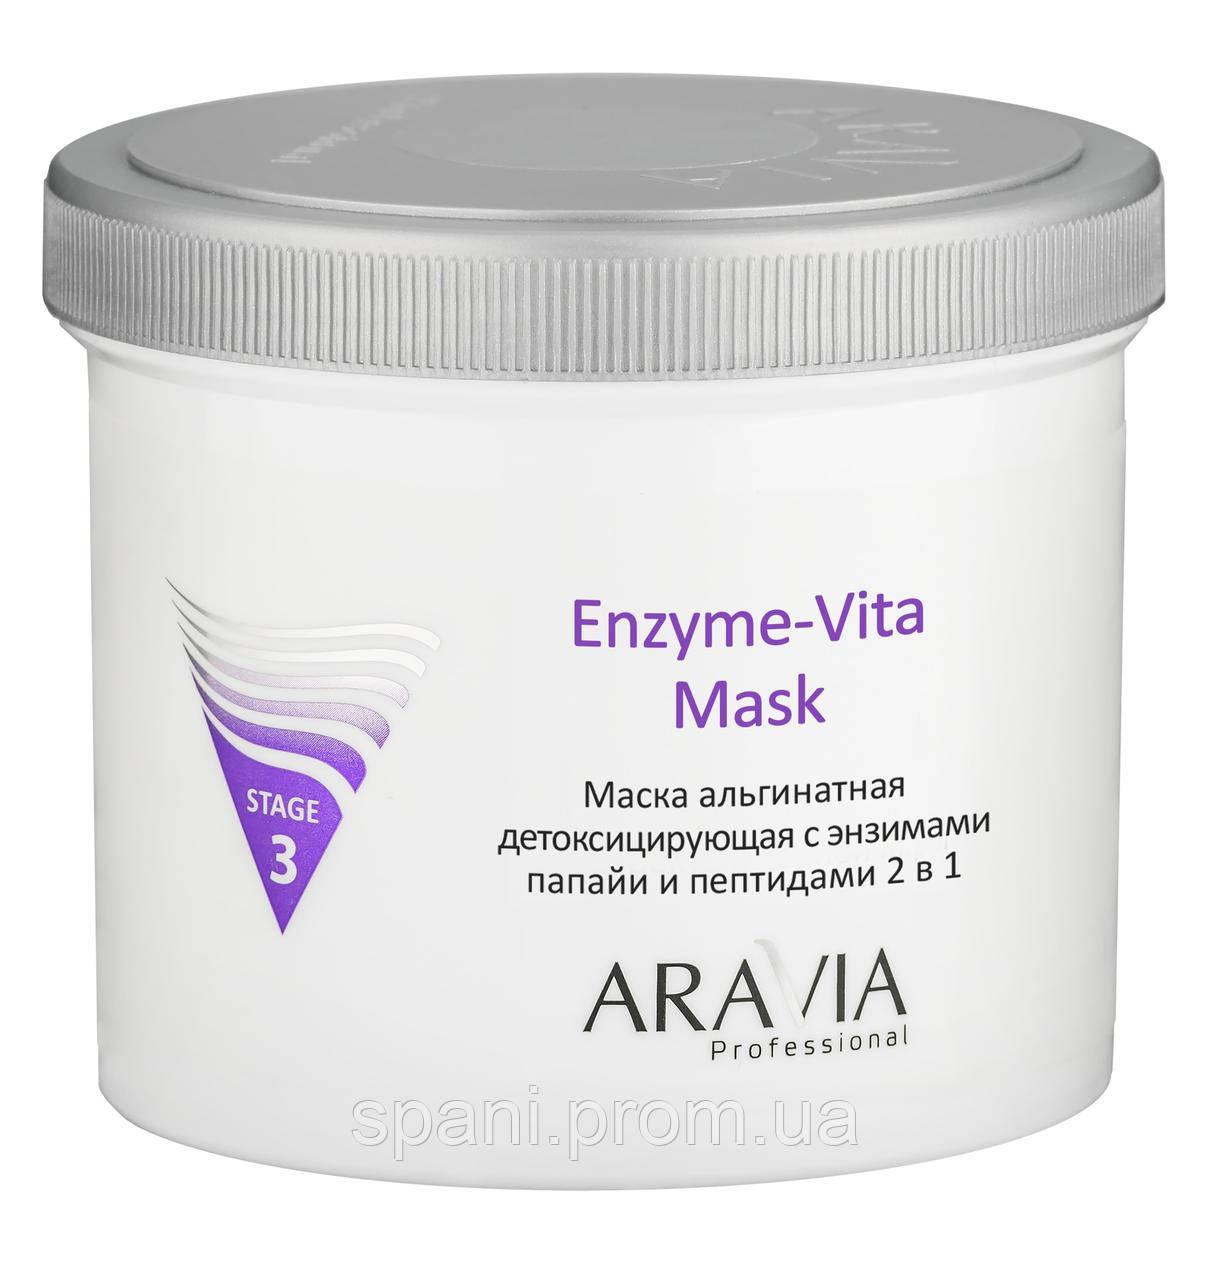 """""""ARAVIA Professional"""" Маска альгинатная детоксицирующая с энзимами папайи и пептидами Enzyme-Vita Masк, 550мл."""